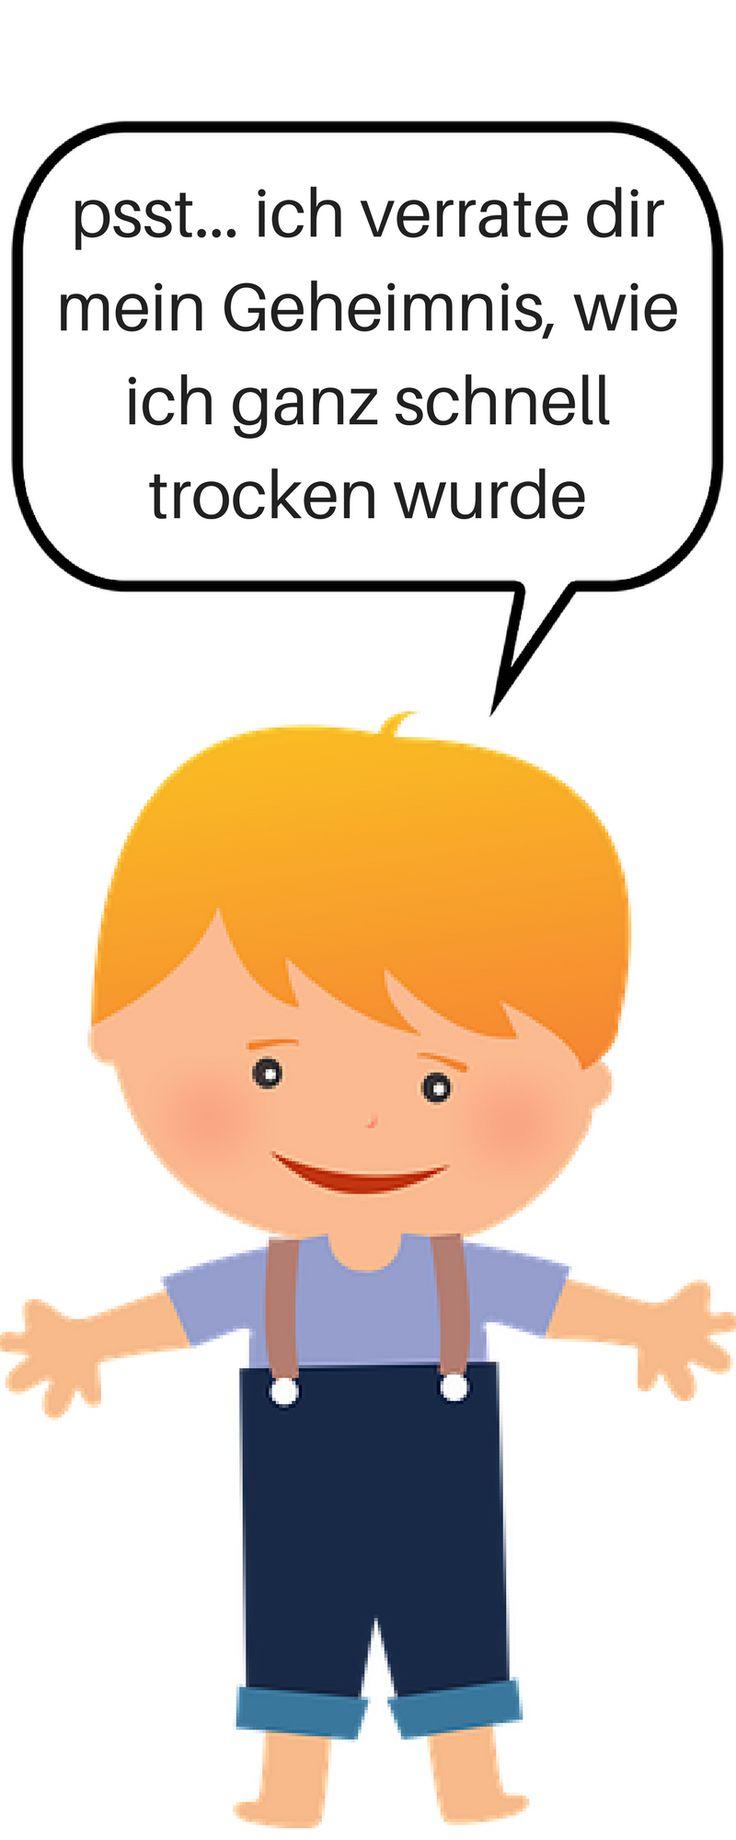 So schaffst du es, dass dein Kleinkind schnell trocken wird und aufs Töpfchen geht. Windel ade, Töpfchen Training, abhalten, windelfrei, babys ohne windeln #kleinkind #kind #windel #töpfchentraining